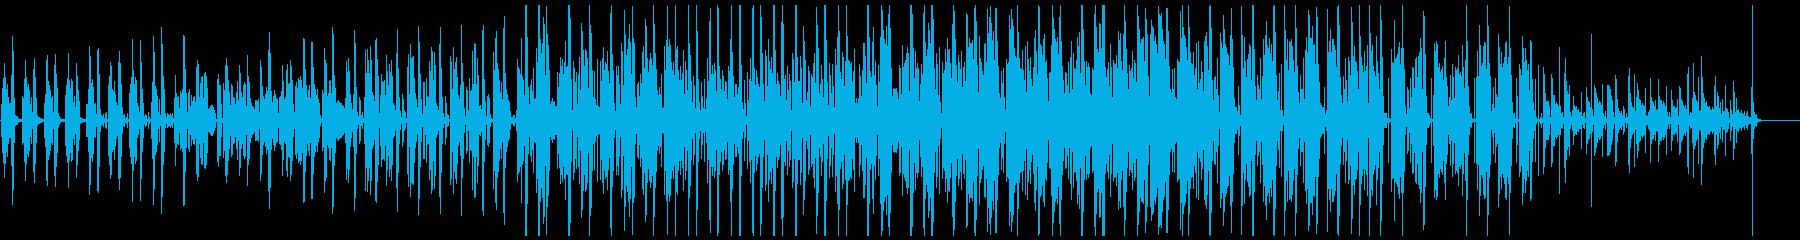 日常vol.1の再生済みの波形